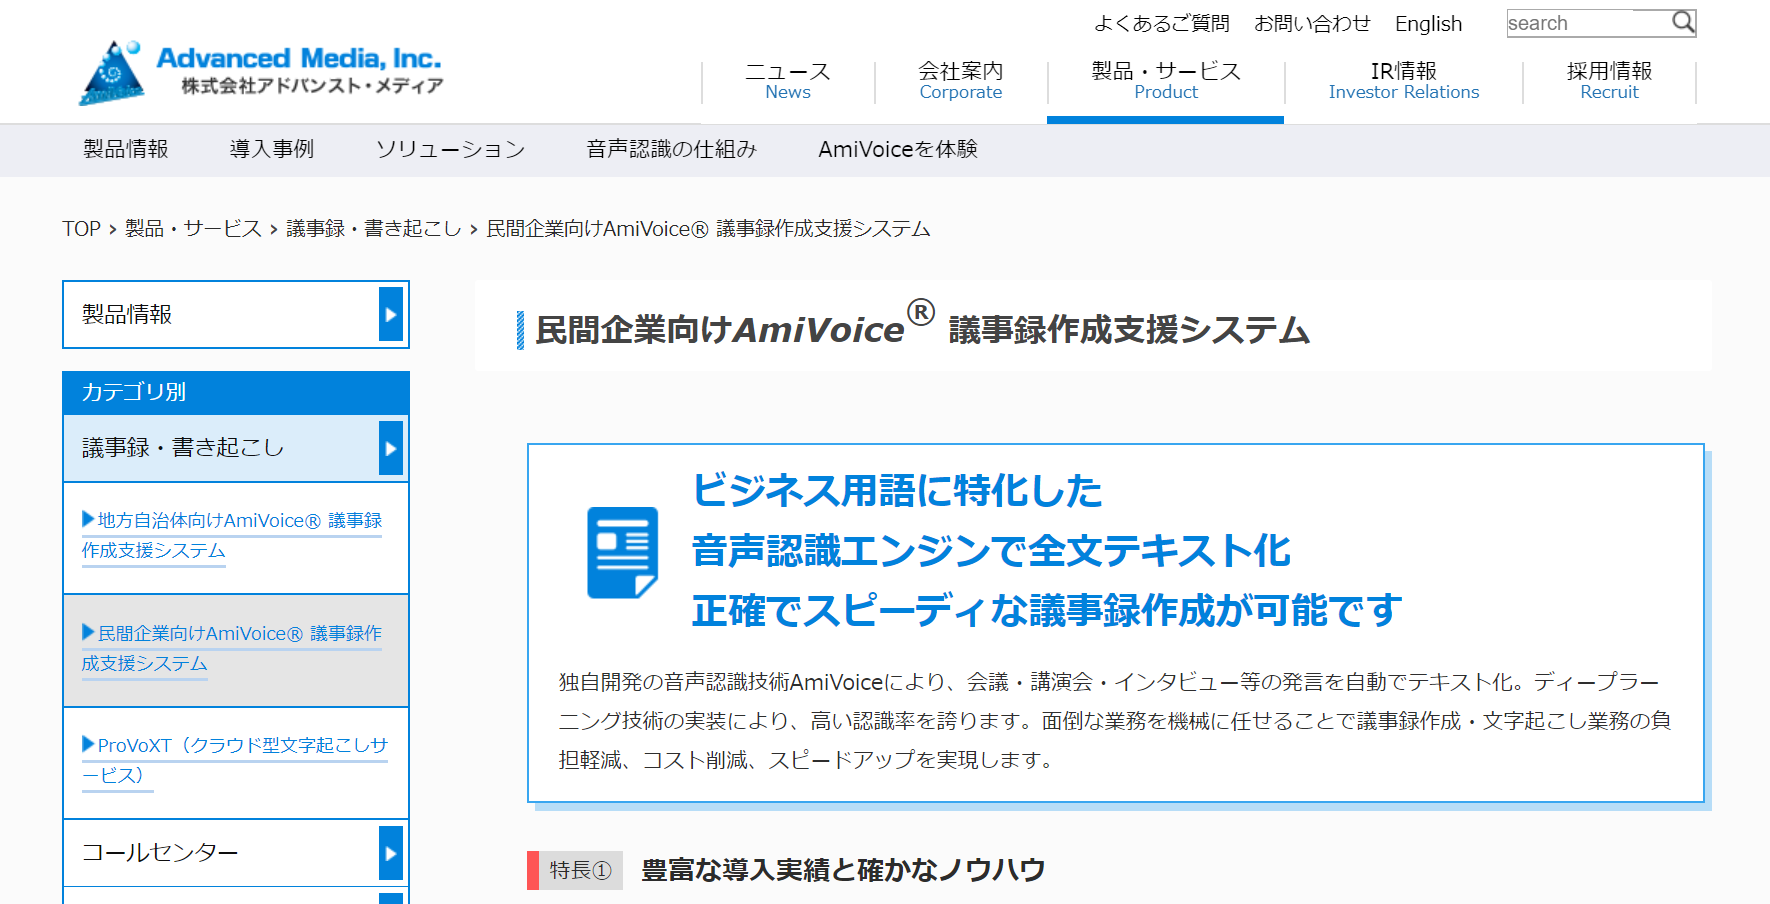 民間企業向けAmiVoice® 議事録作成支援システム